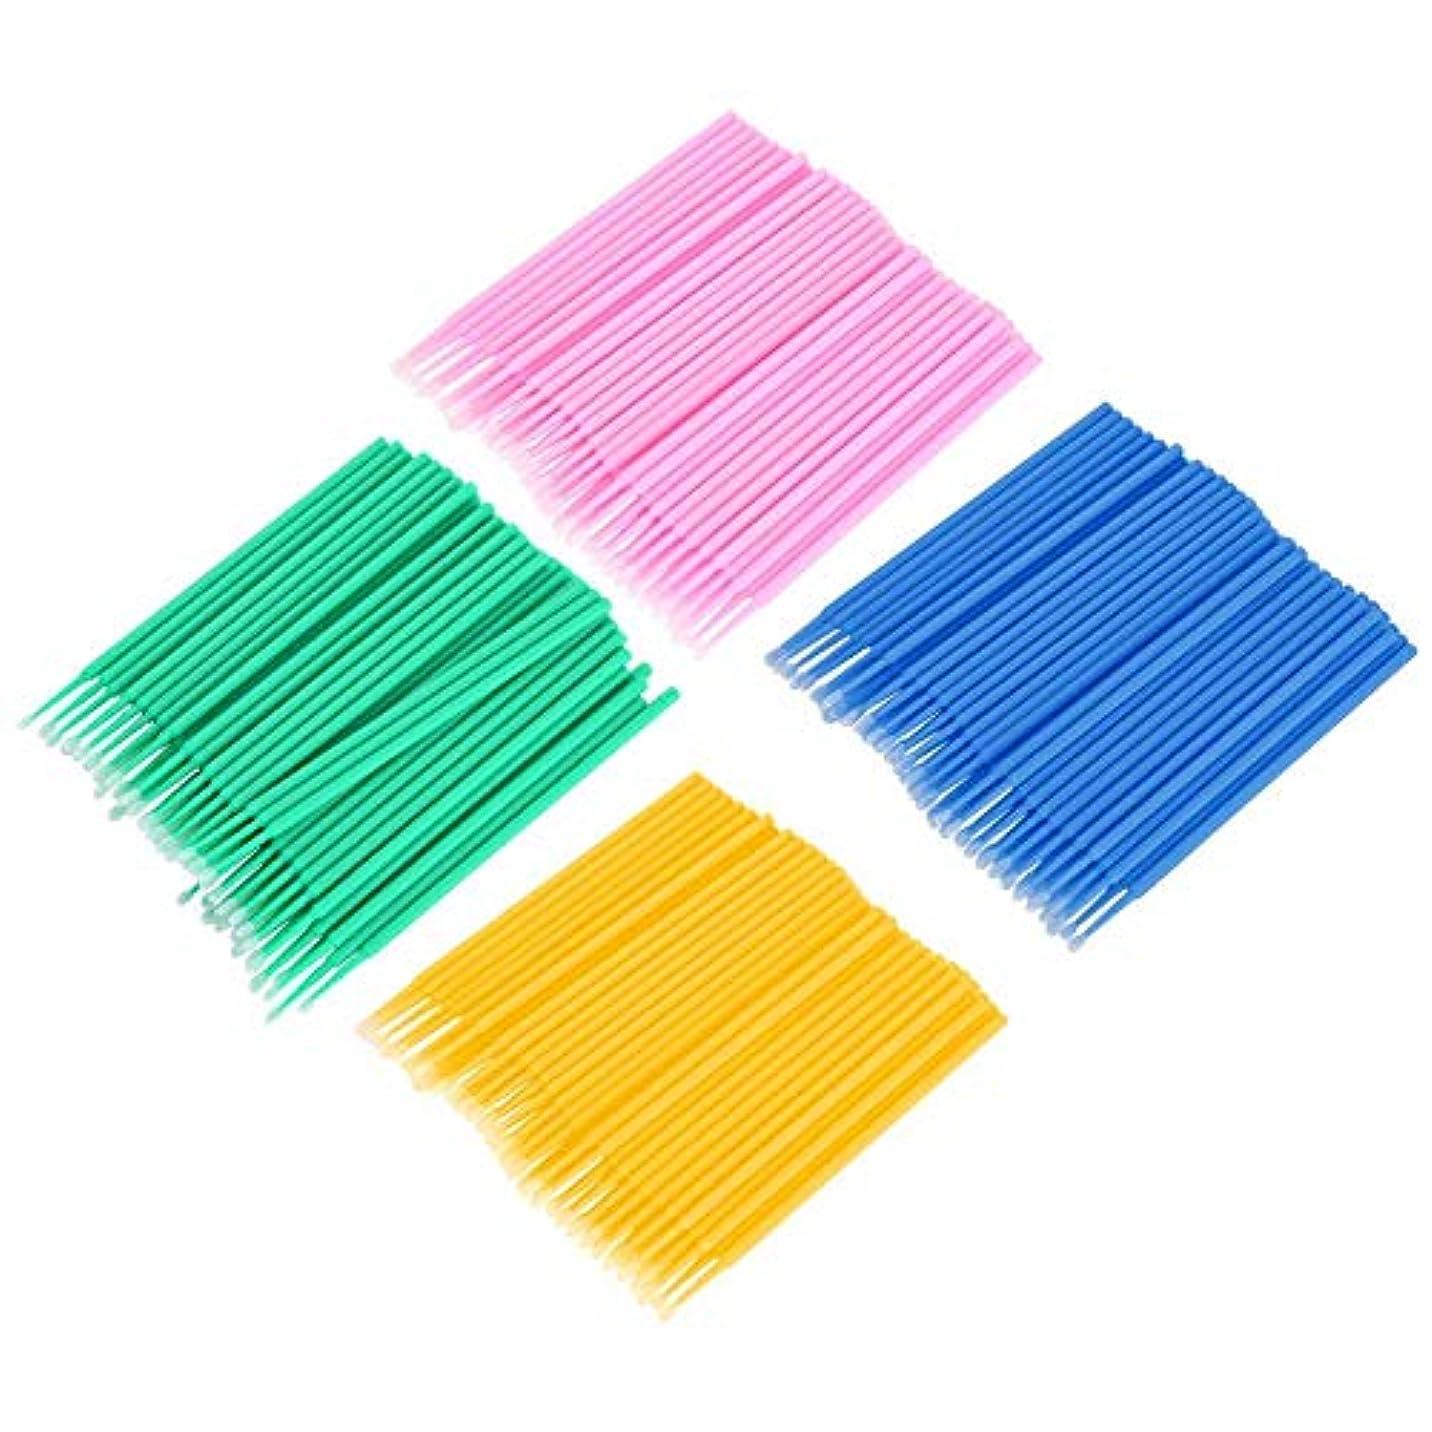 横たわる交換その結果Semmeコットン綿棒、まつげリムーバーまたはプライマーコットンスティック400個使い捨てコットンスティックまつげクリーニングスティックマイクロブラシ綿棒まつげライト